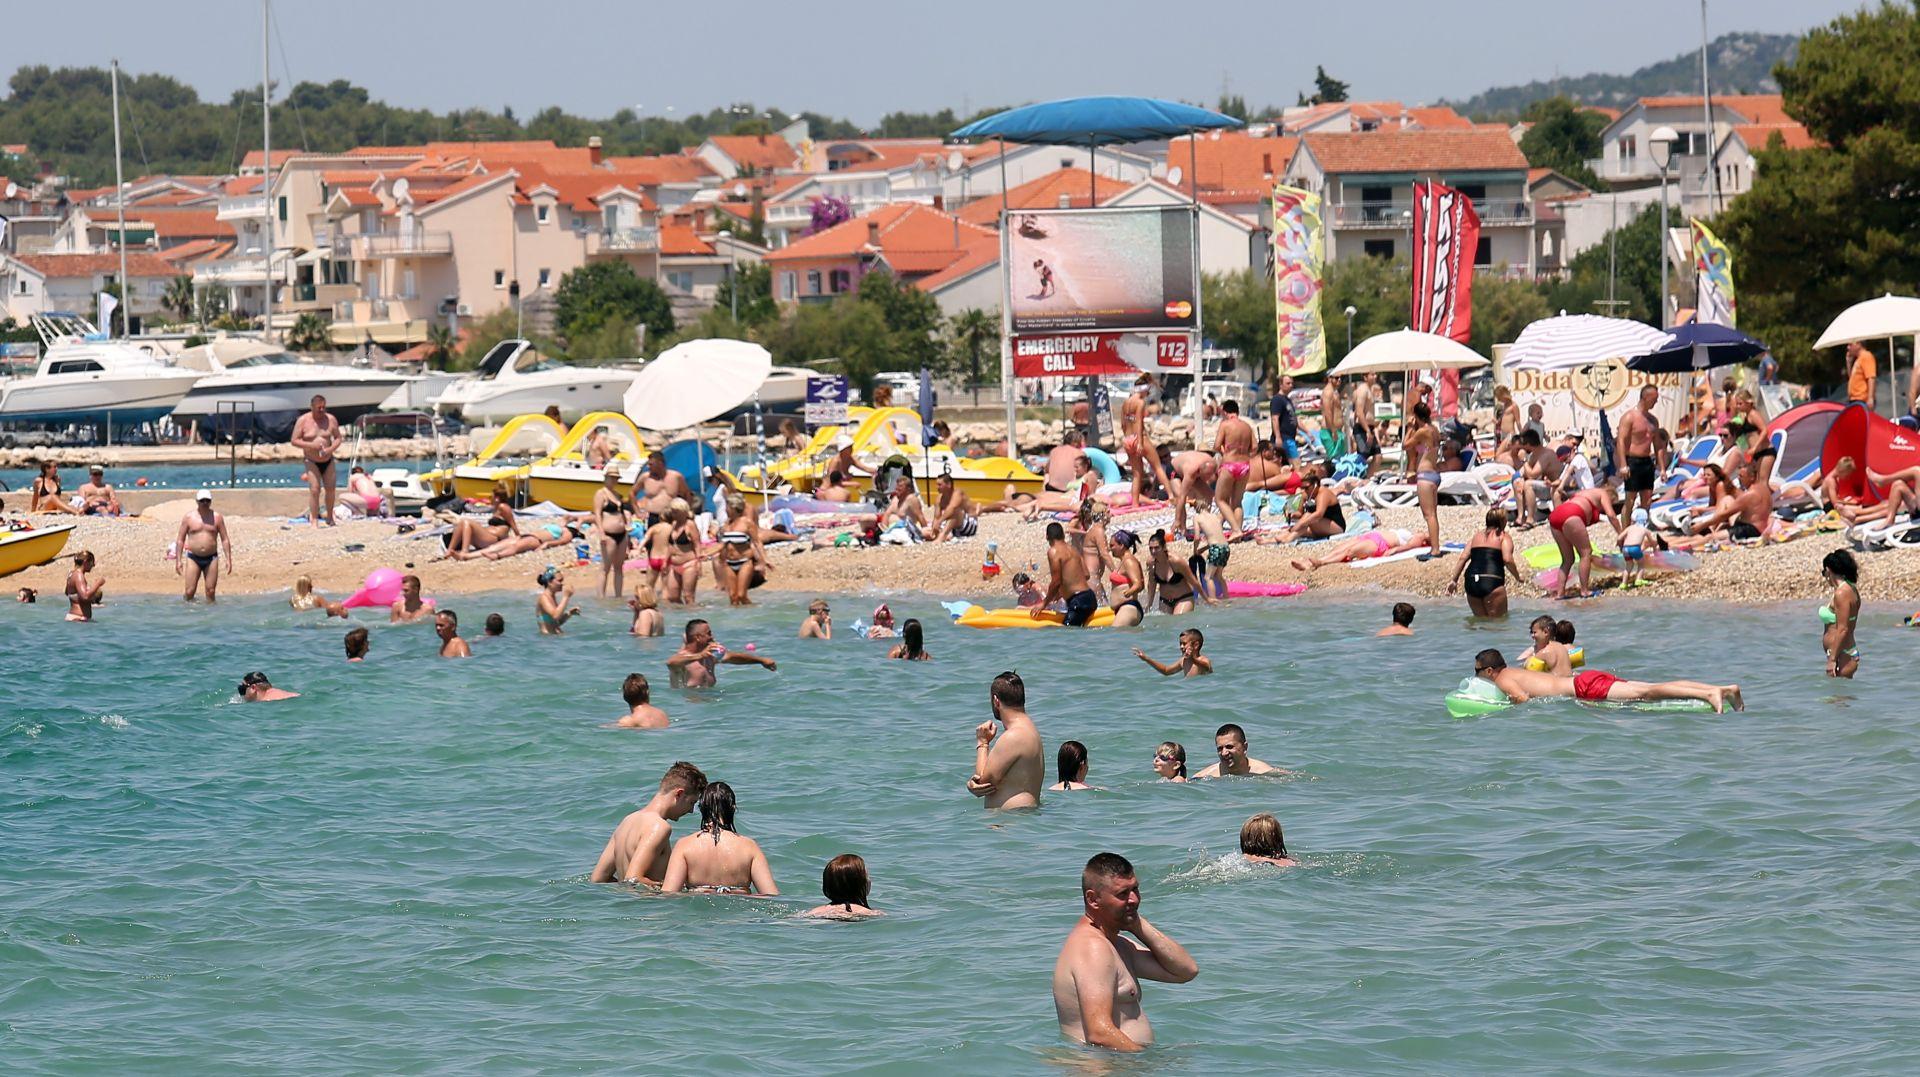 Ovog ljeta pazite se opasnog UV zračenja